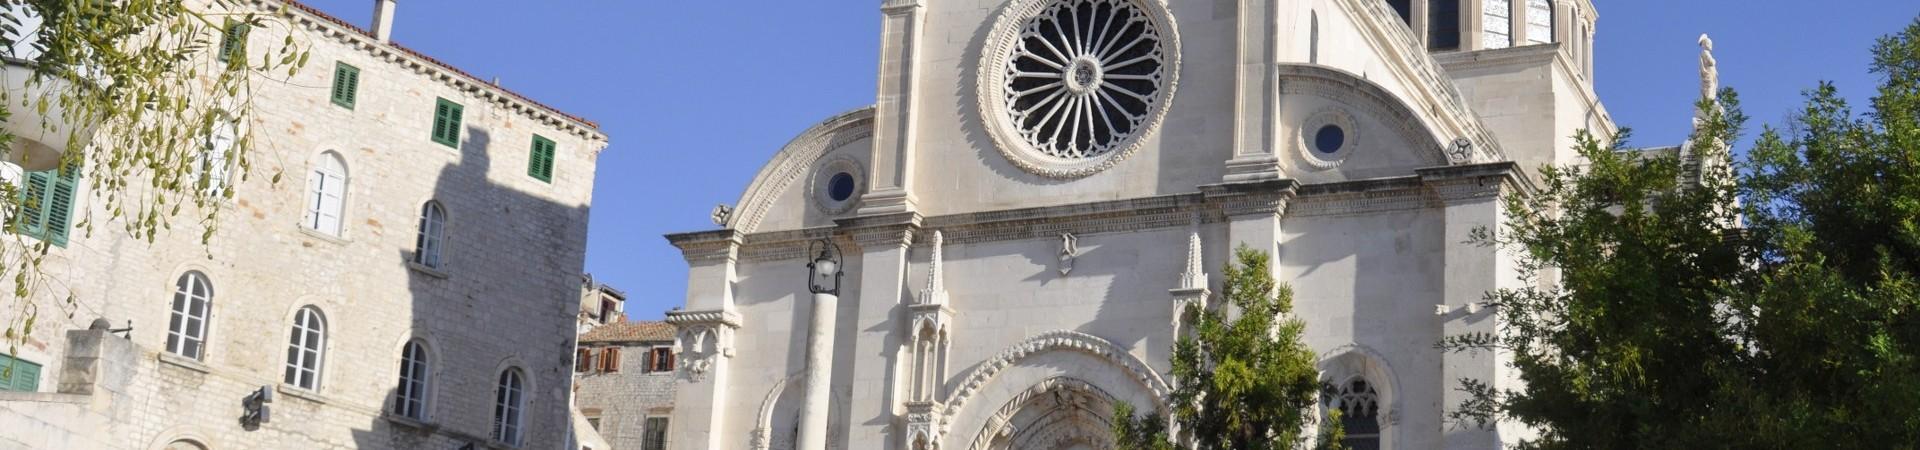 Szybenik katedra Jakuba